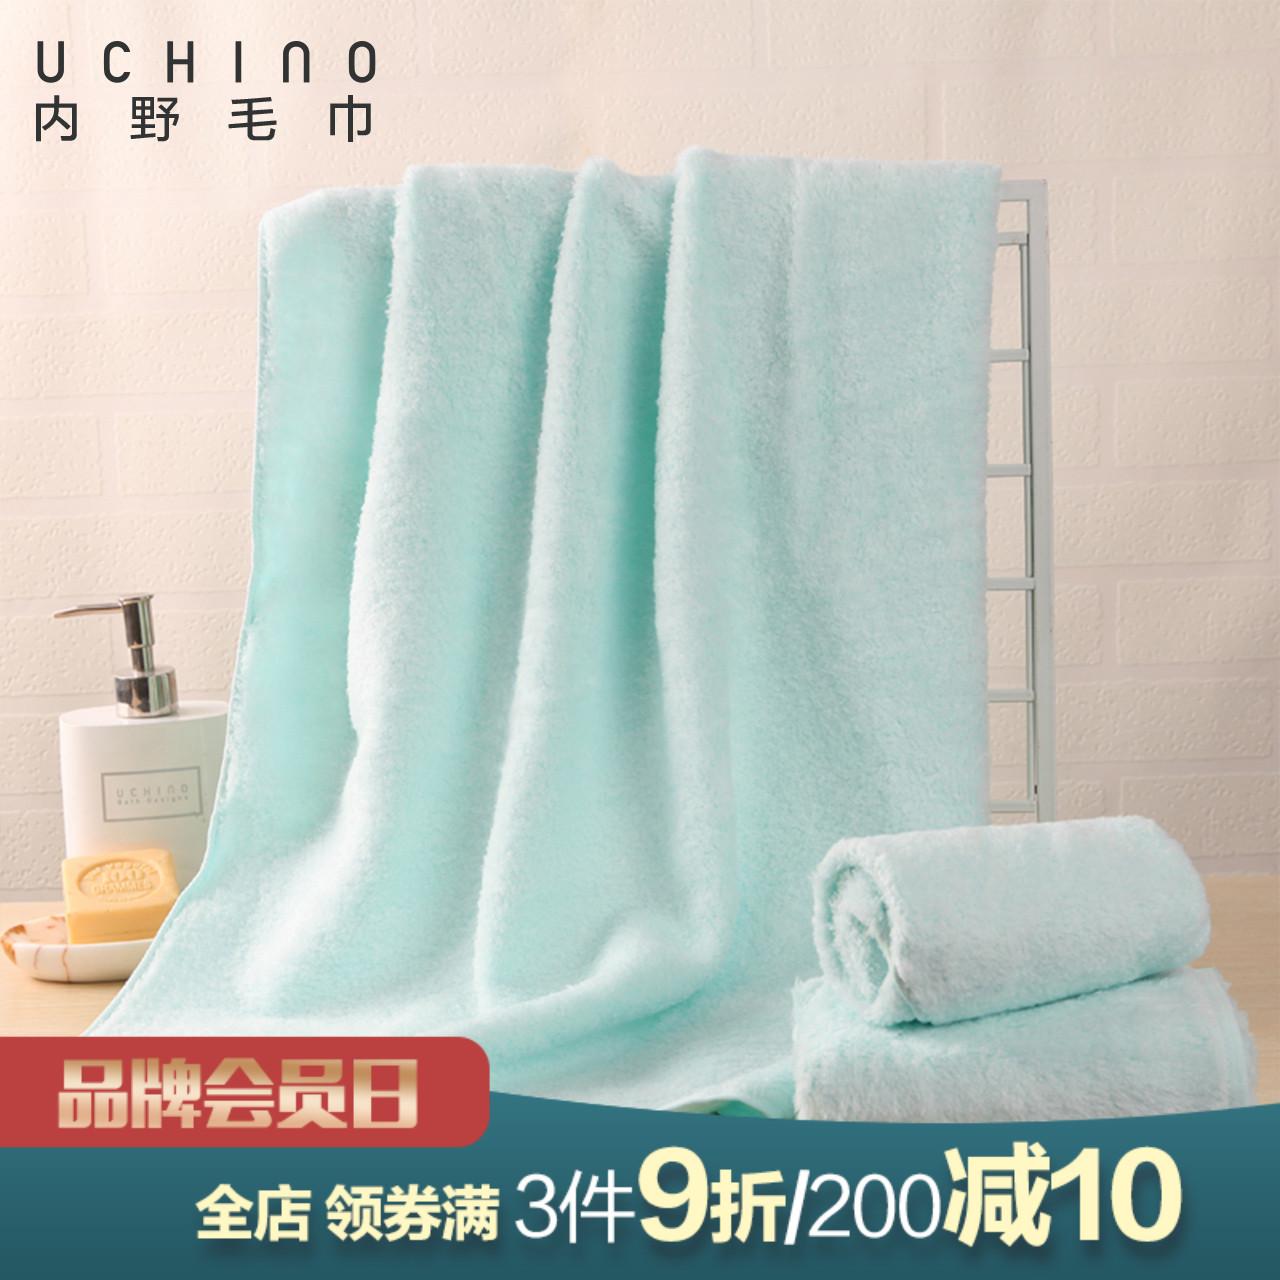 UCHINO内野棉花糖纯棉方巾面巾浴巾三件套洗脸洗澡吸水大毛巾家用